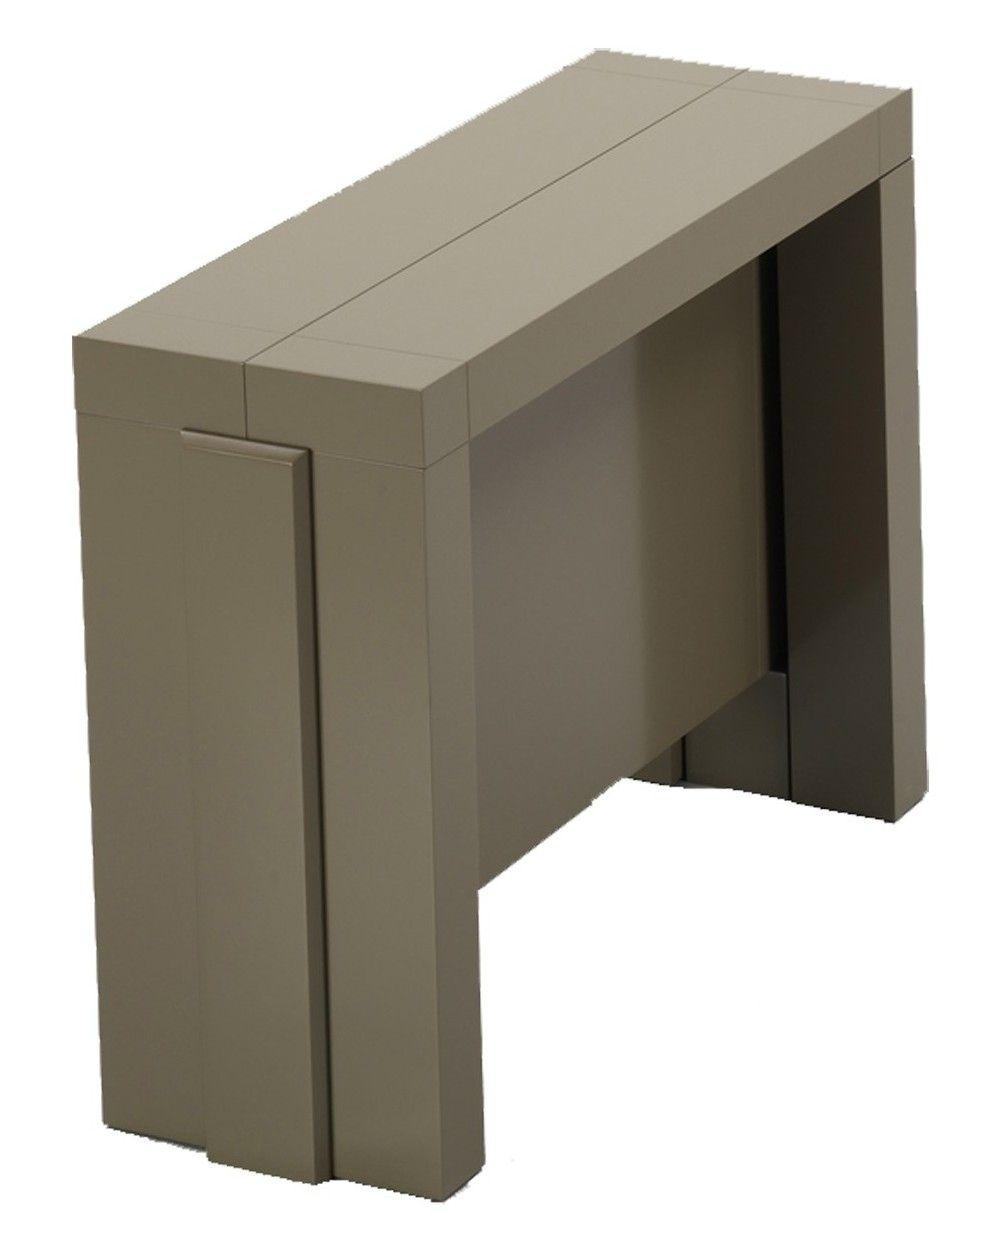 Console Extensible Integrable Avec Allonges Integrees Console Extensible Table Console Extensible Console